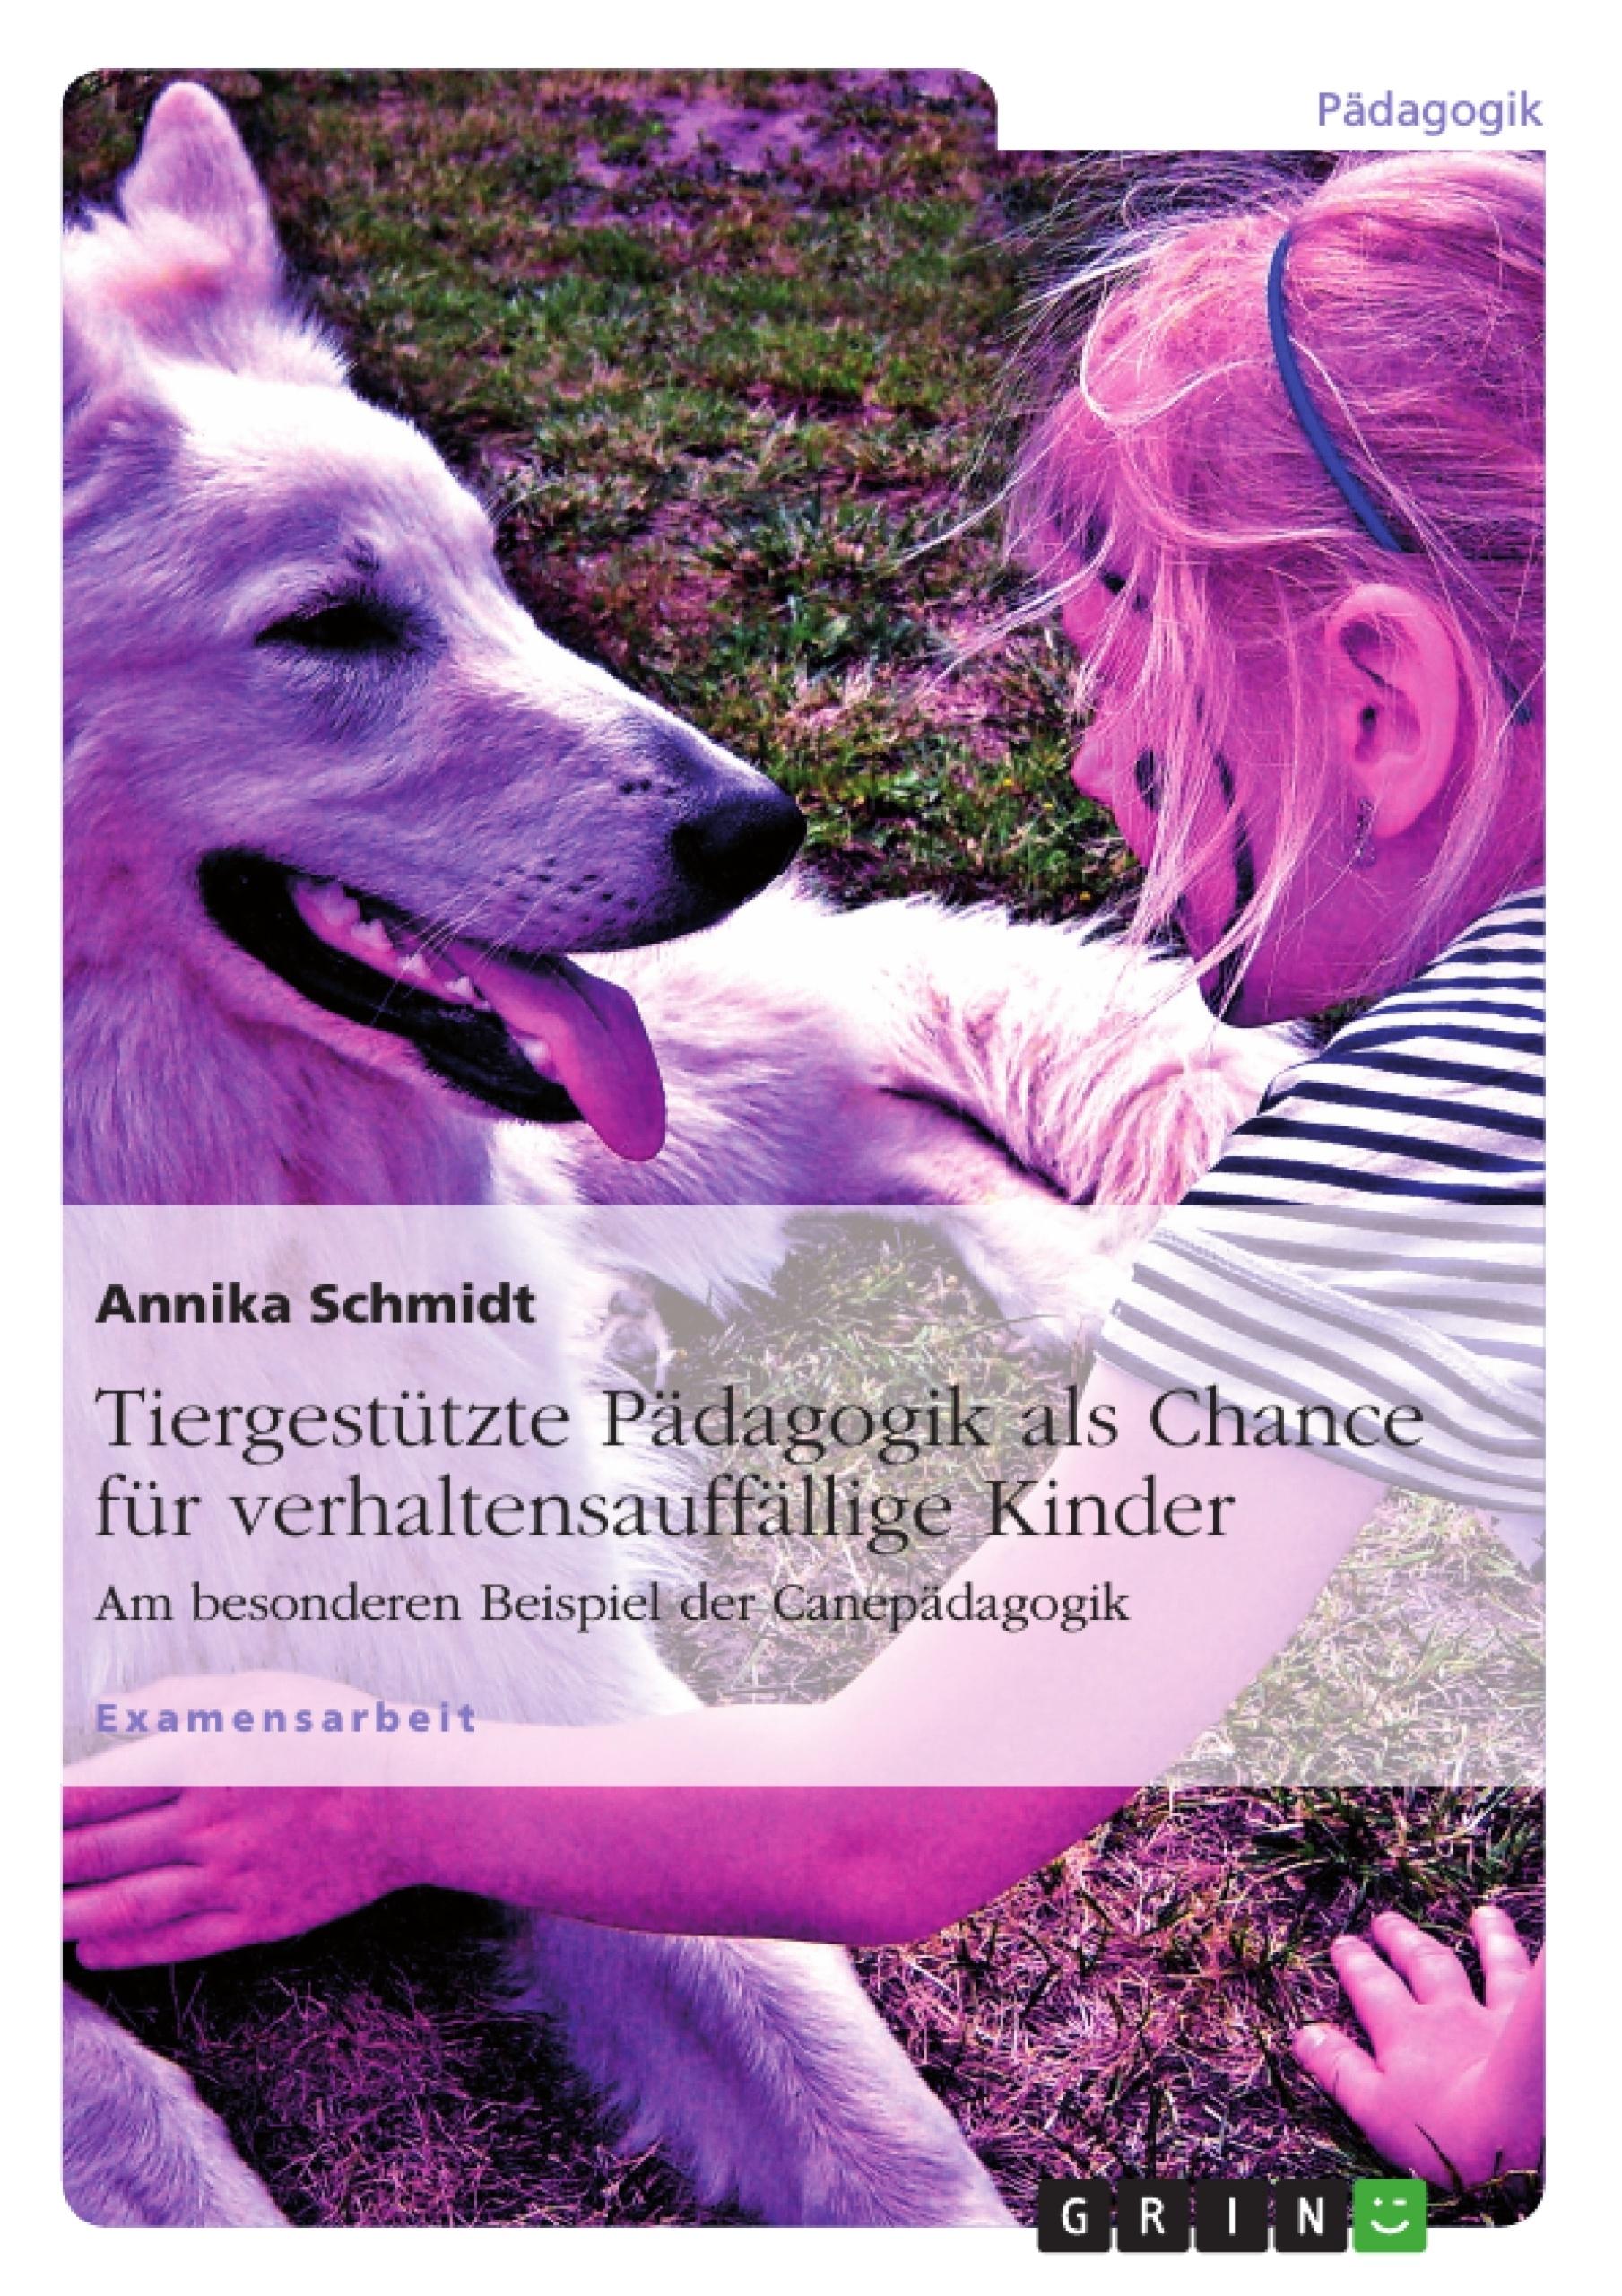 Titel: Tiergestützte Pädagogik als Chance für verhaltensauffällige Kinder